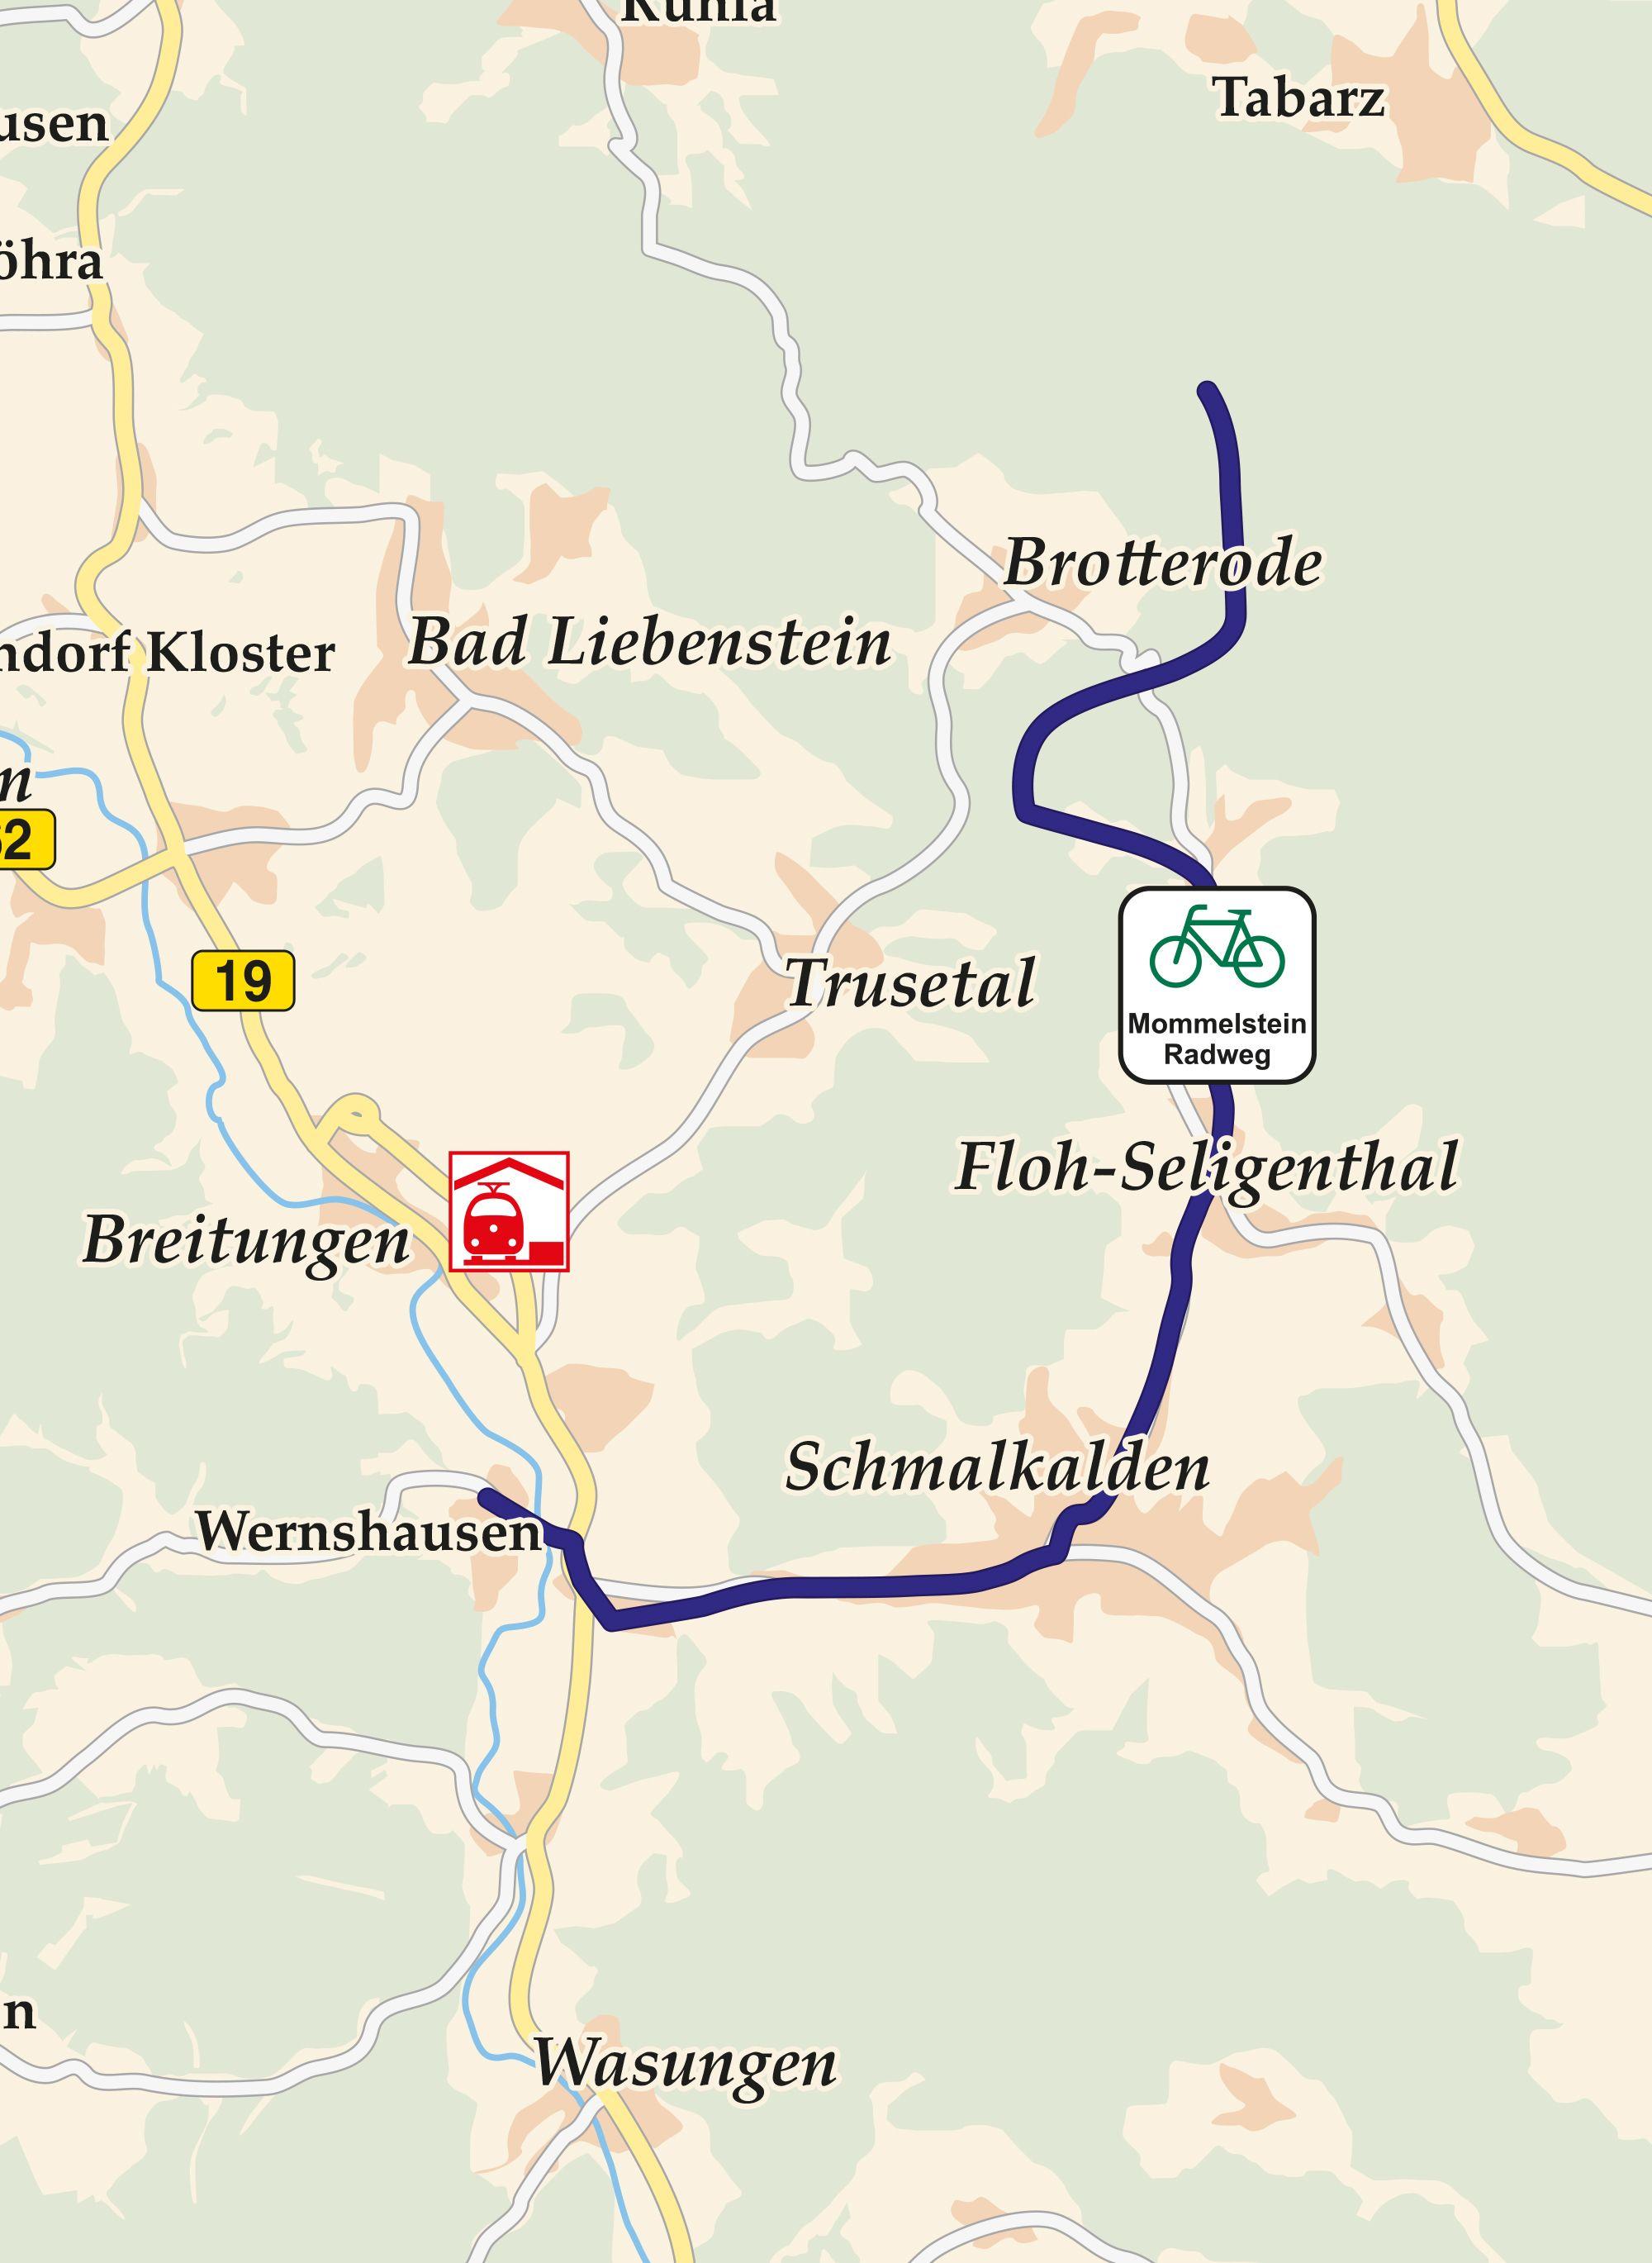 Mommelstein Radwanderweg Karte